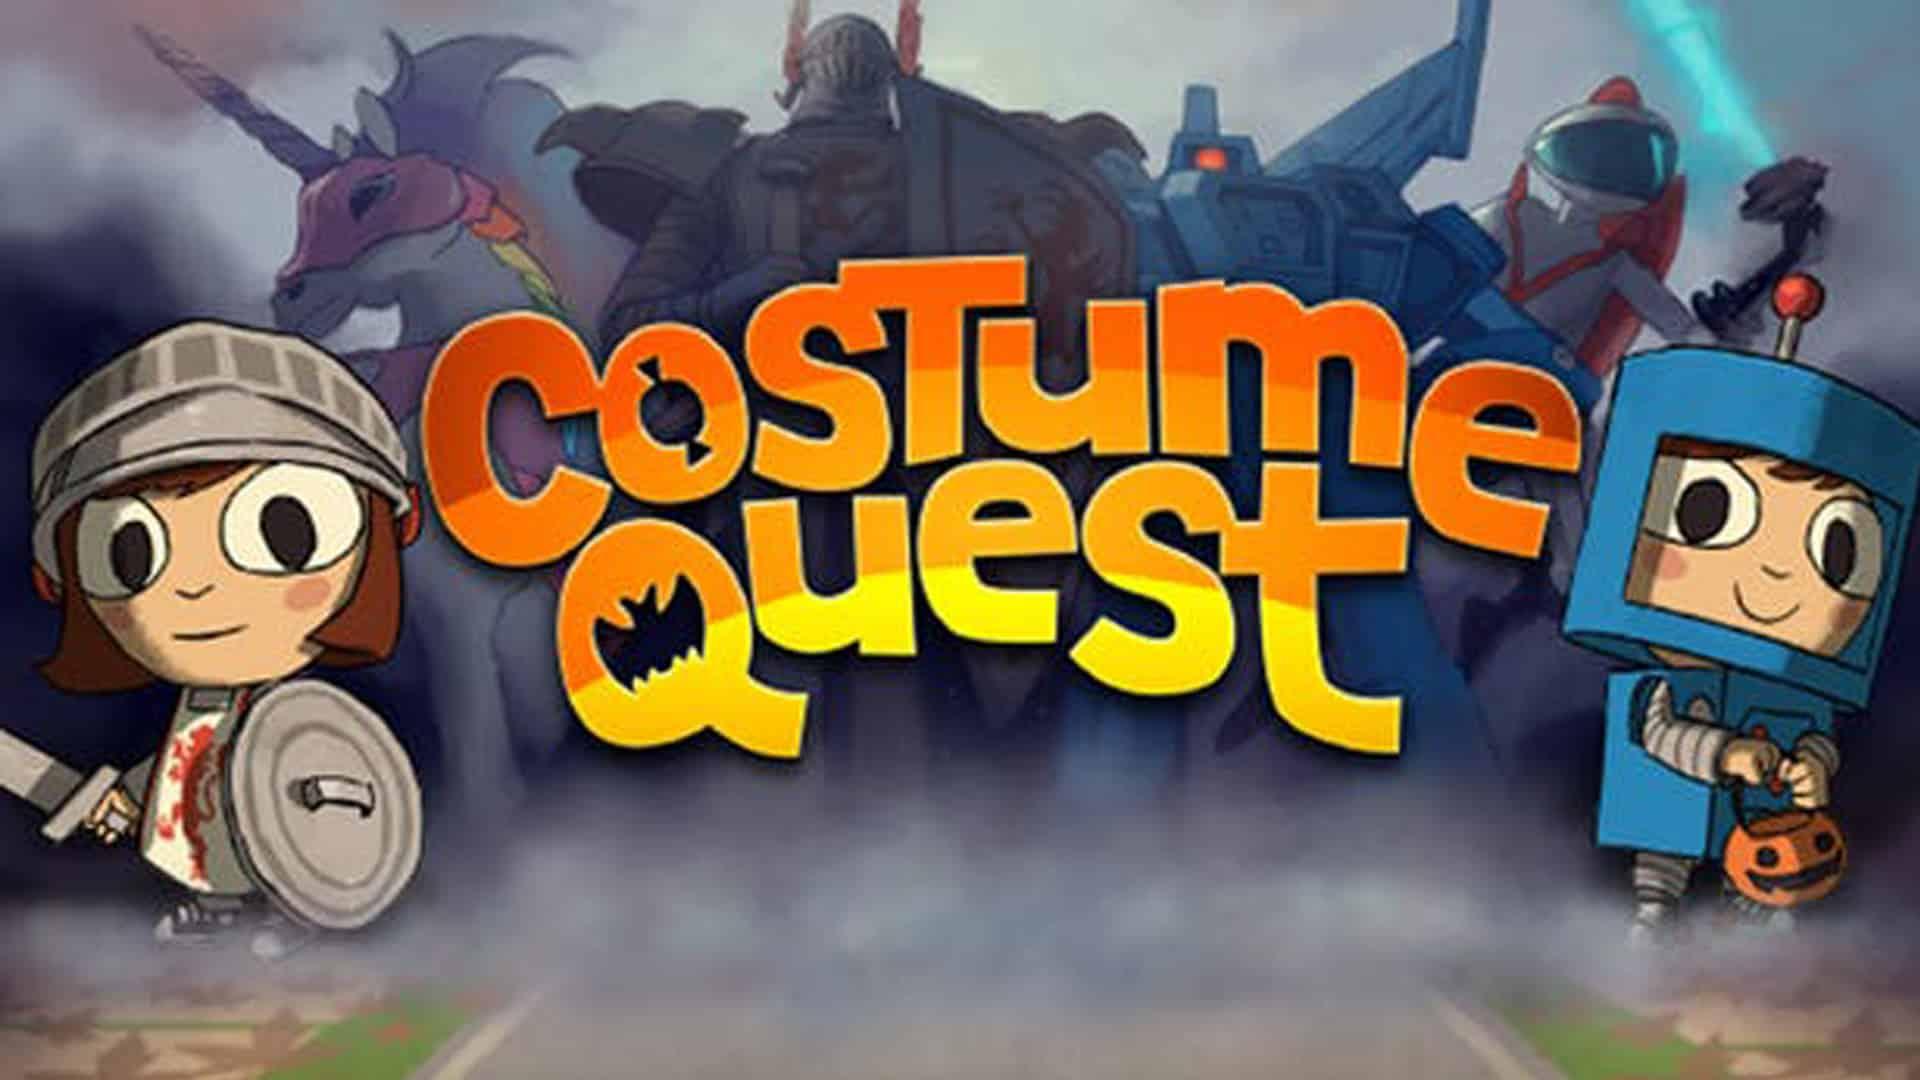 vignette-costume-quest-presentation-fiche-complete-jeu-gratuit-epic-games-store